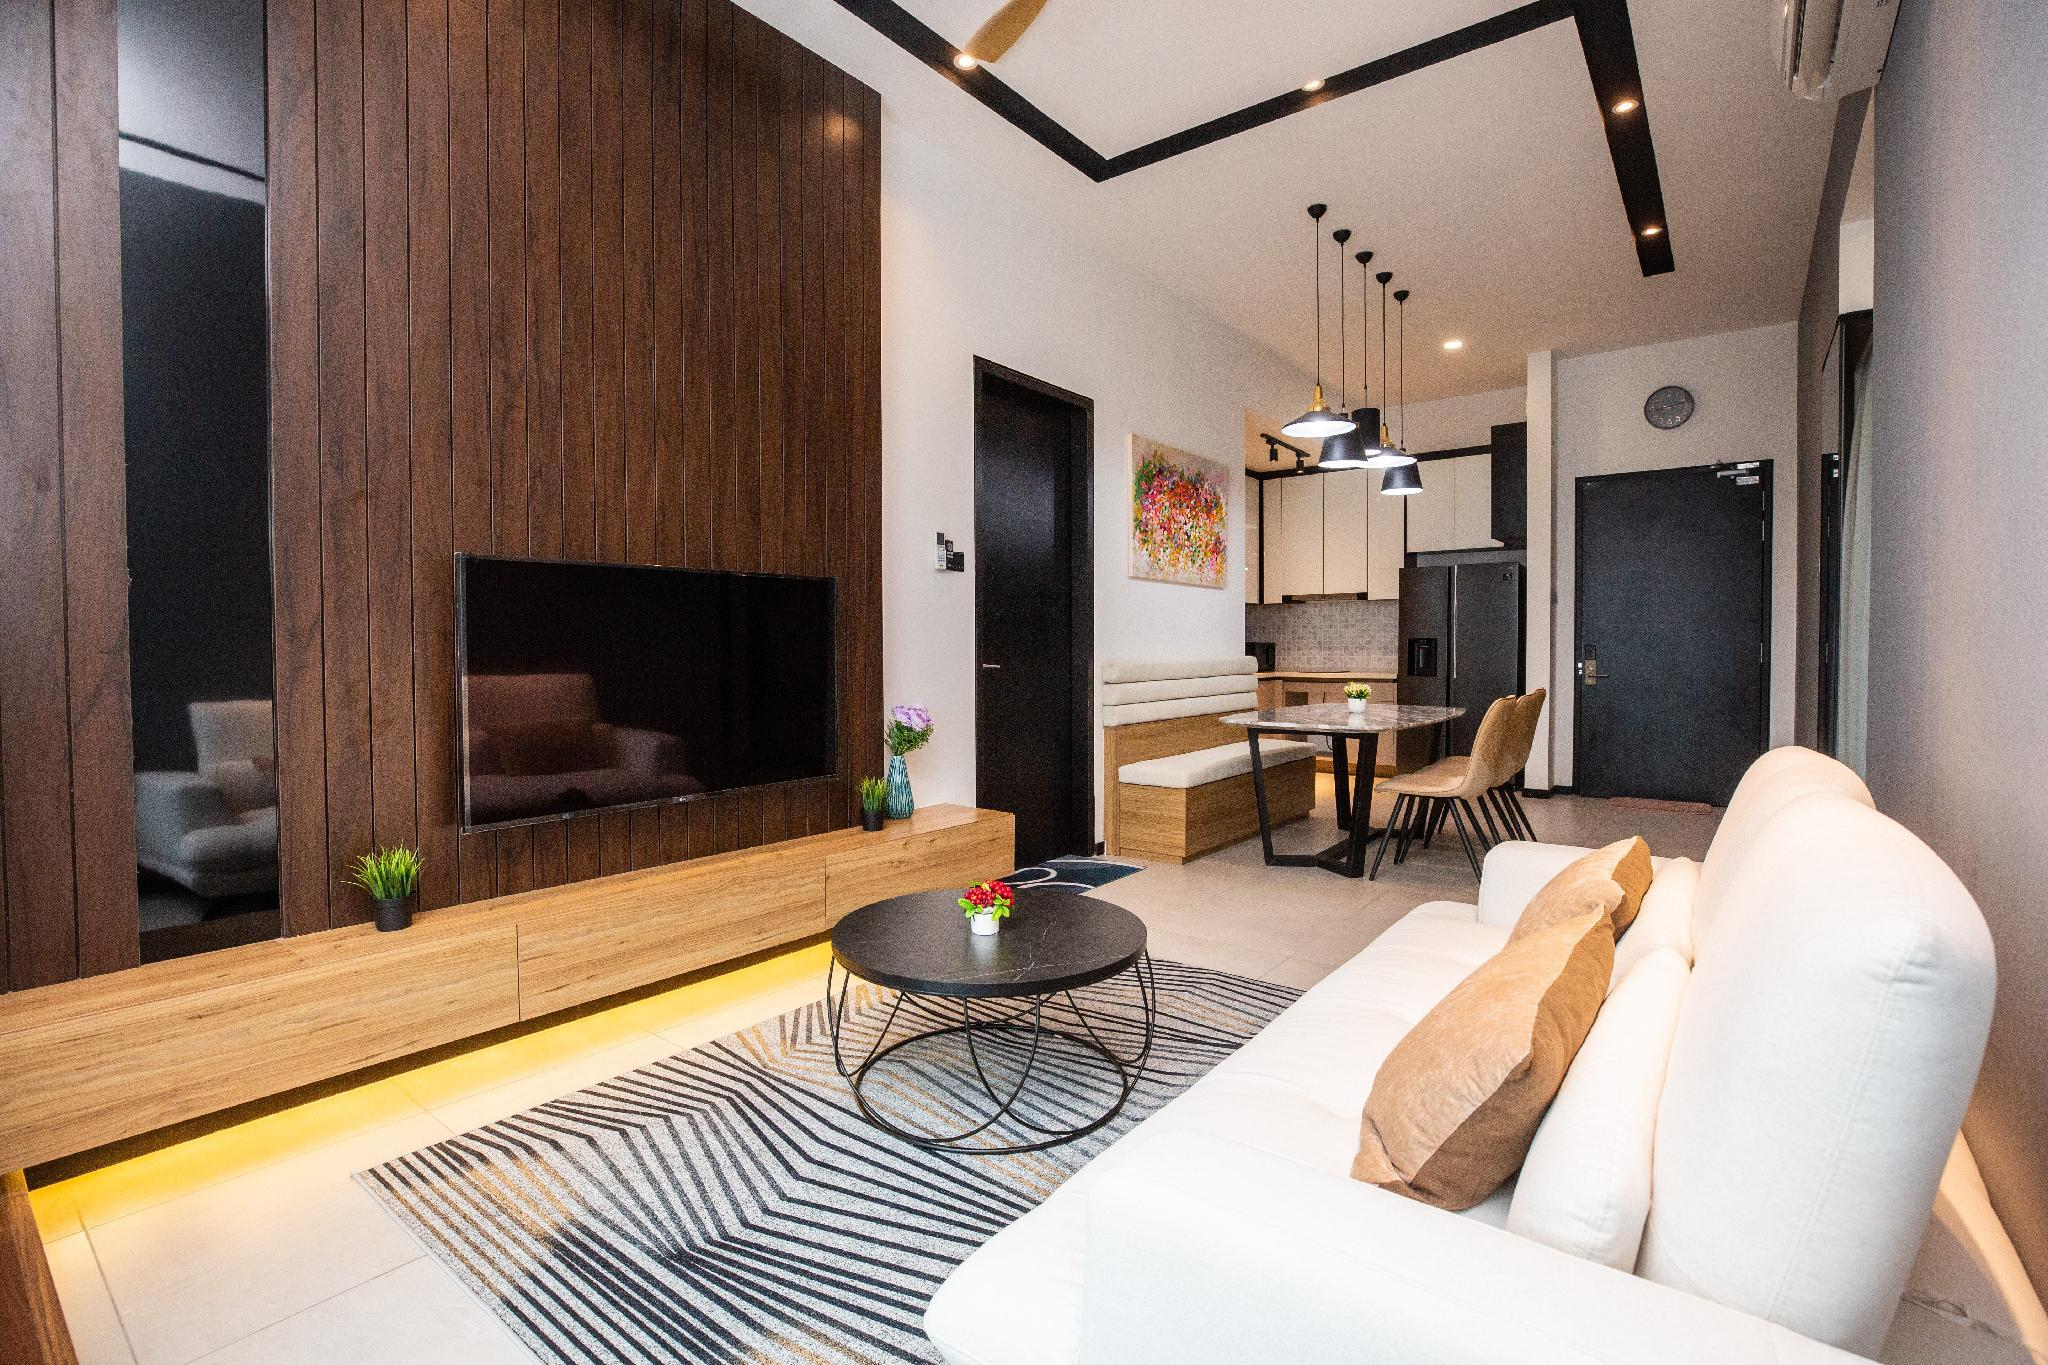 OPUS KL By Luxury Suites Asia